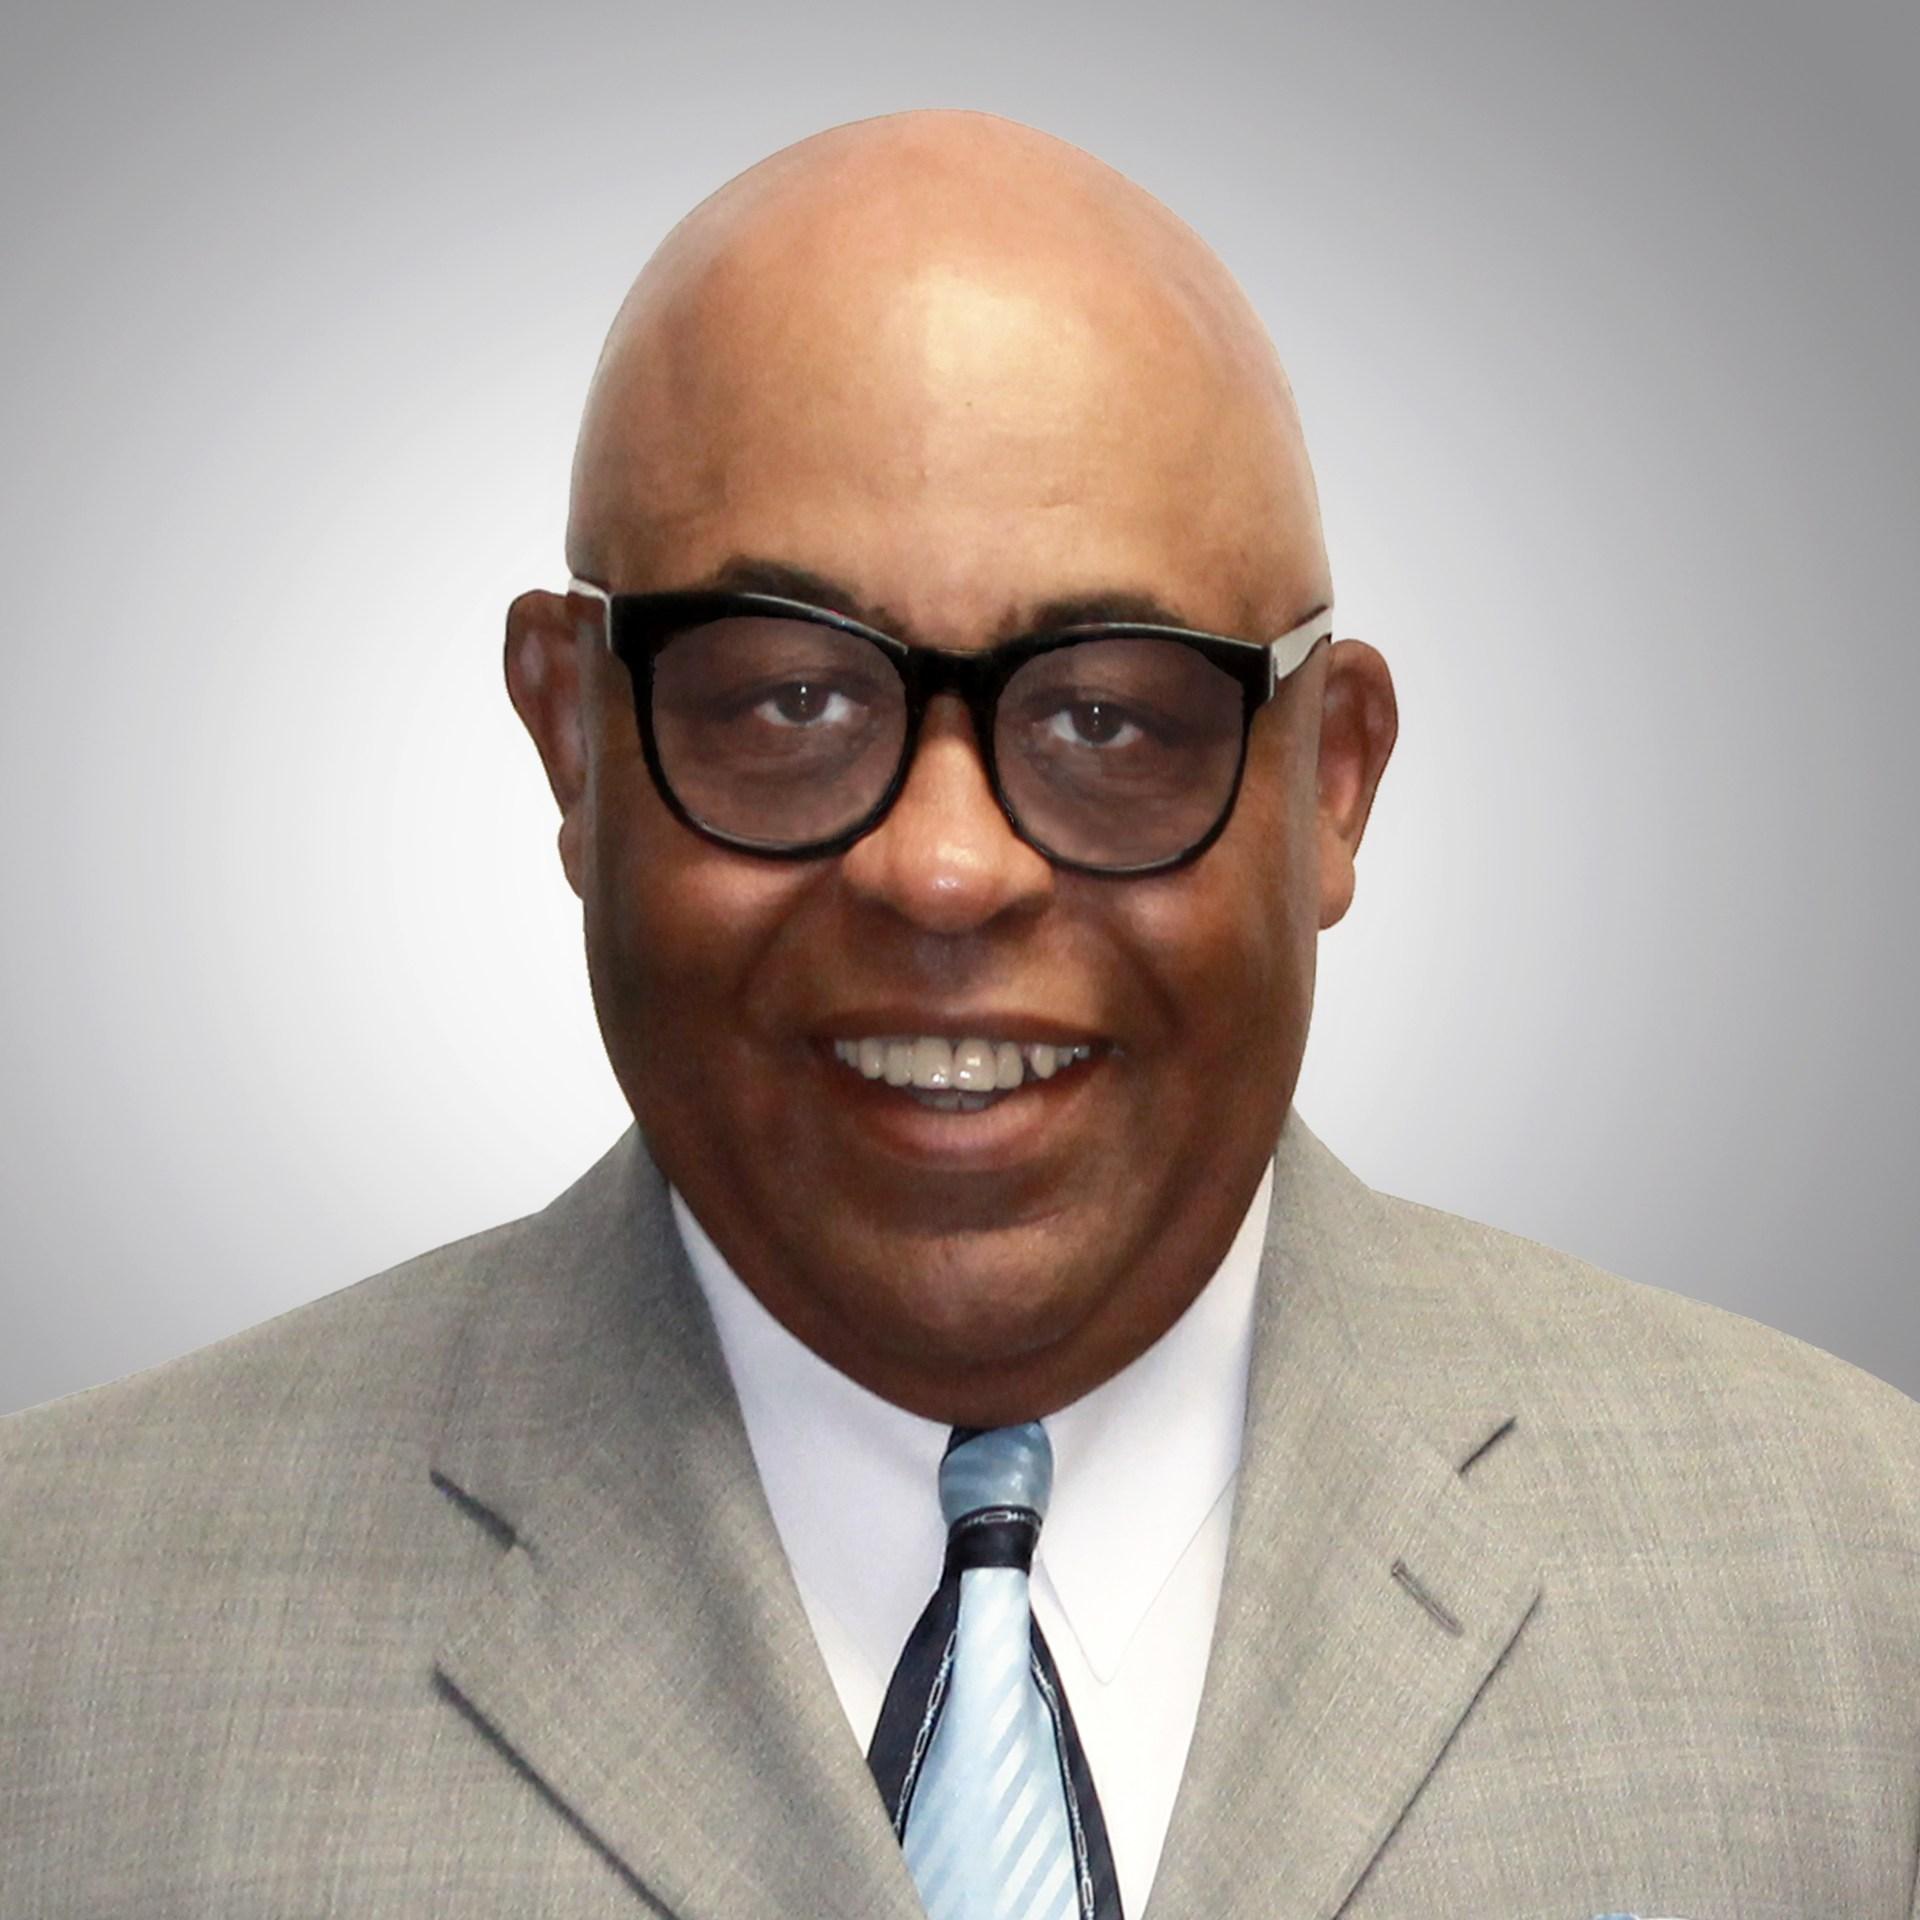 Kevin VanHook Trustee